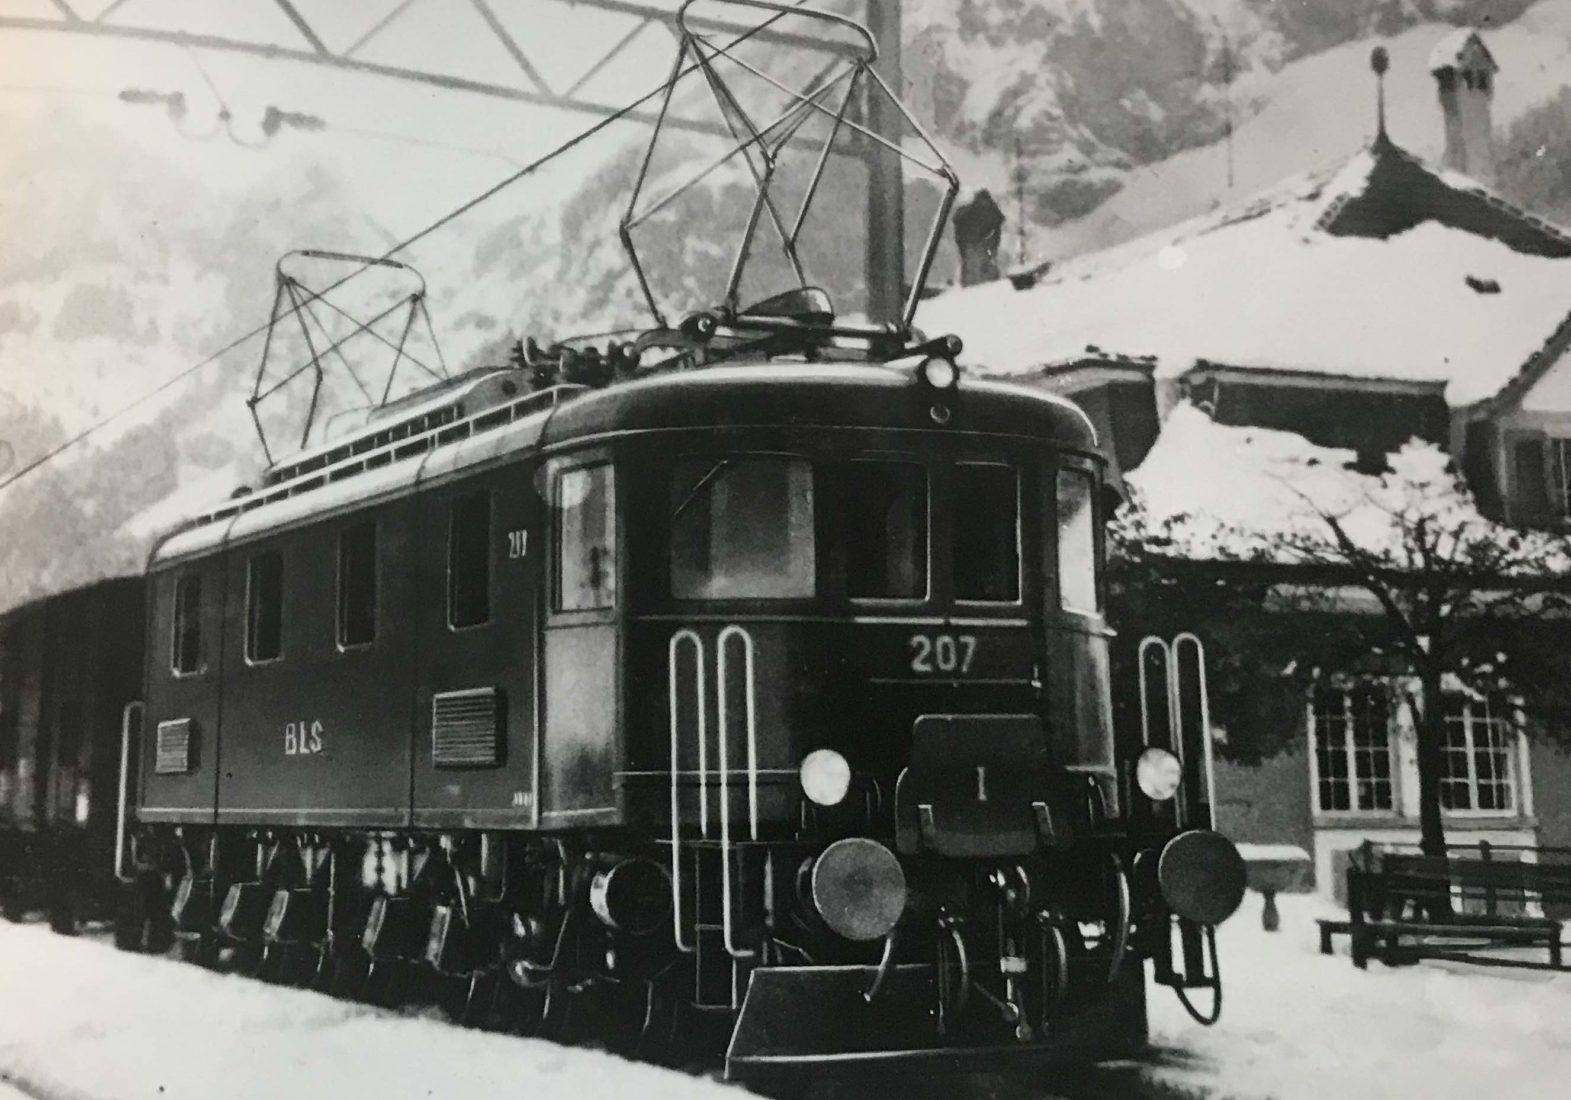 Locomotive BLS Ae, Les légendaires locomotives électriques suisses